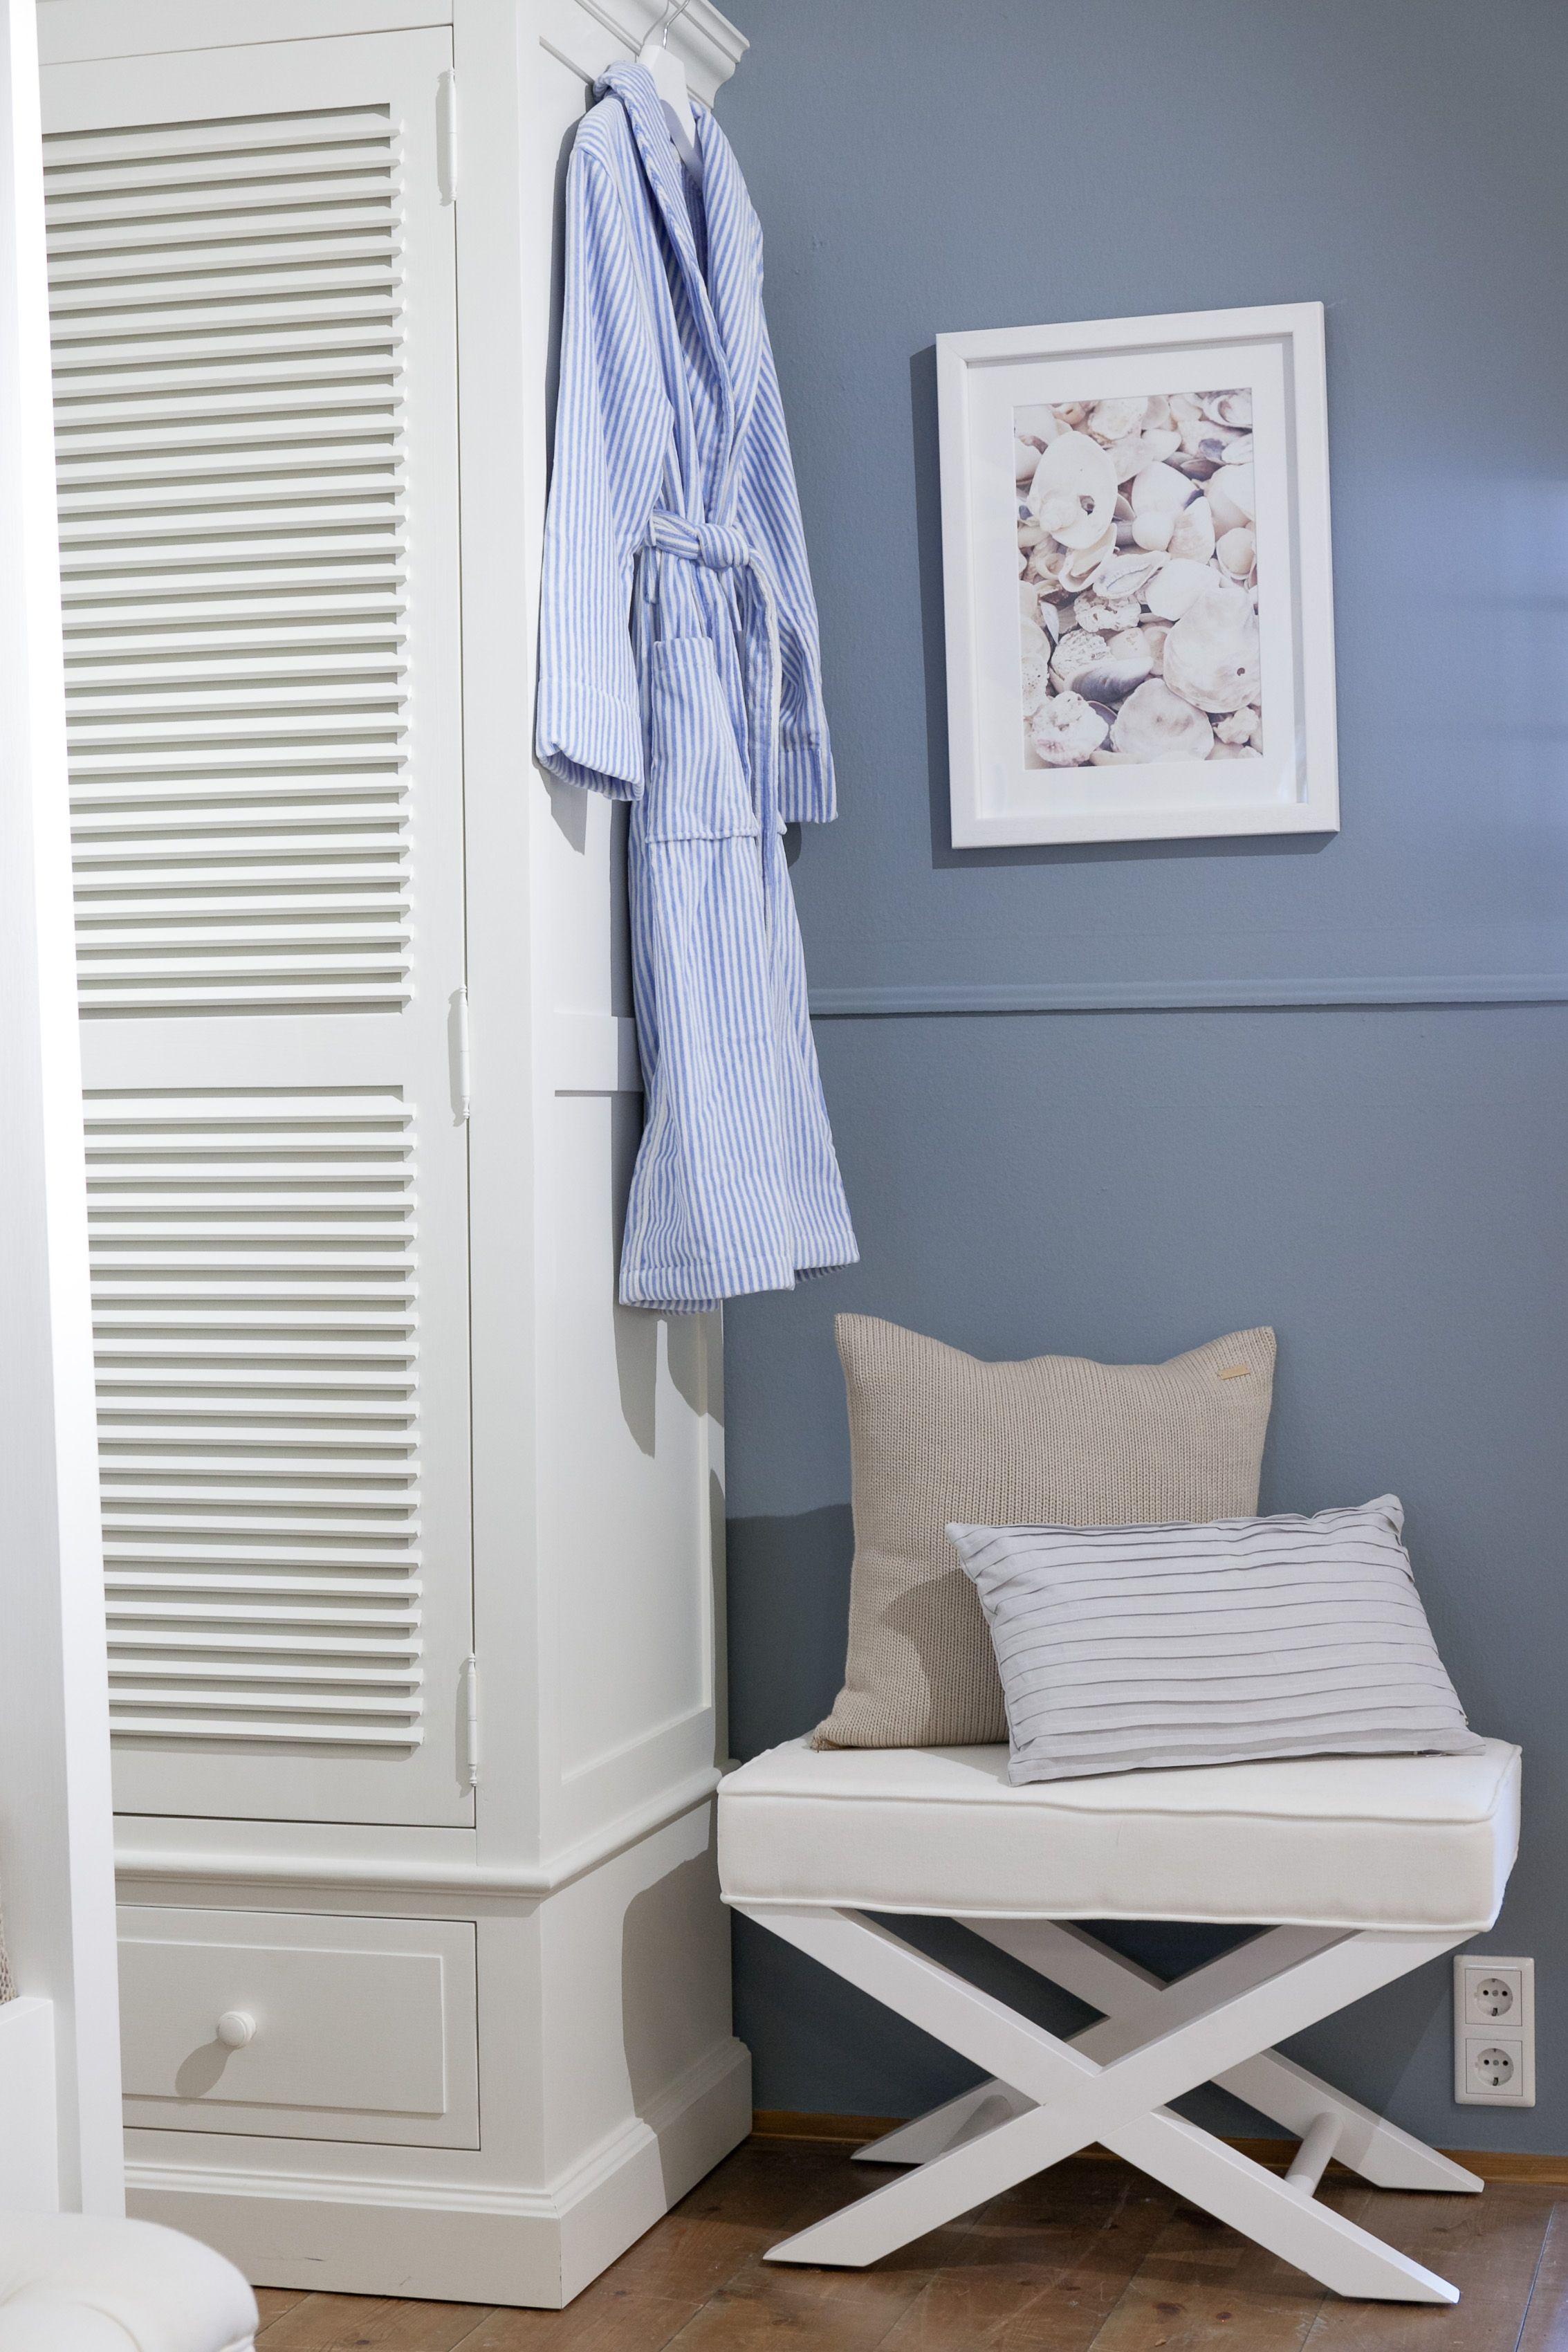 Schlafzimmermöbel von Flamant für Ihr stilvolles Schlafzimmer   Haus interieurs, Stilvolles ...